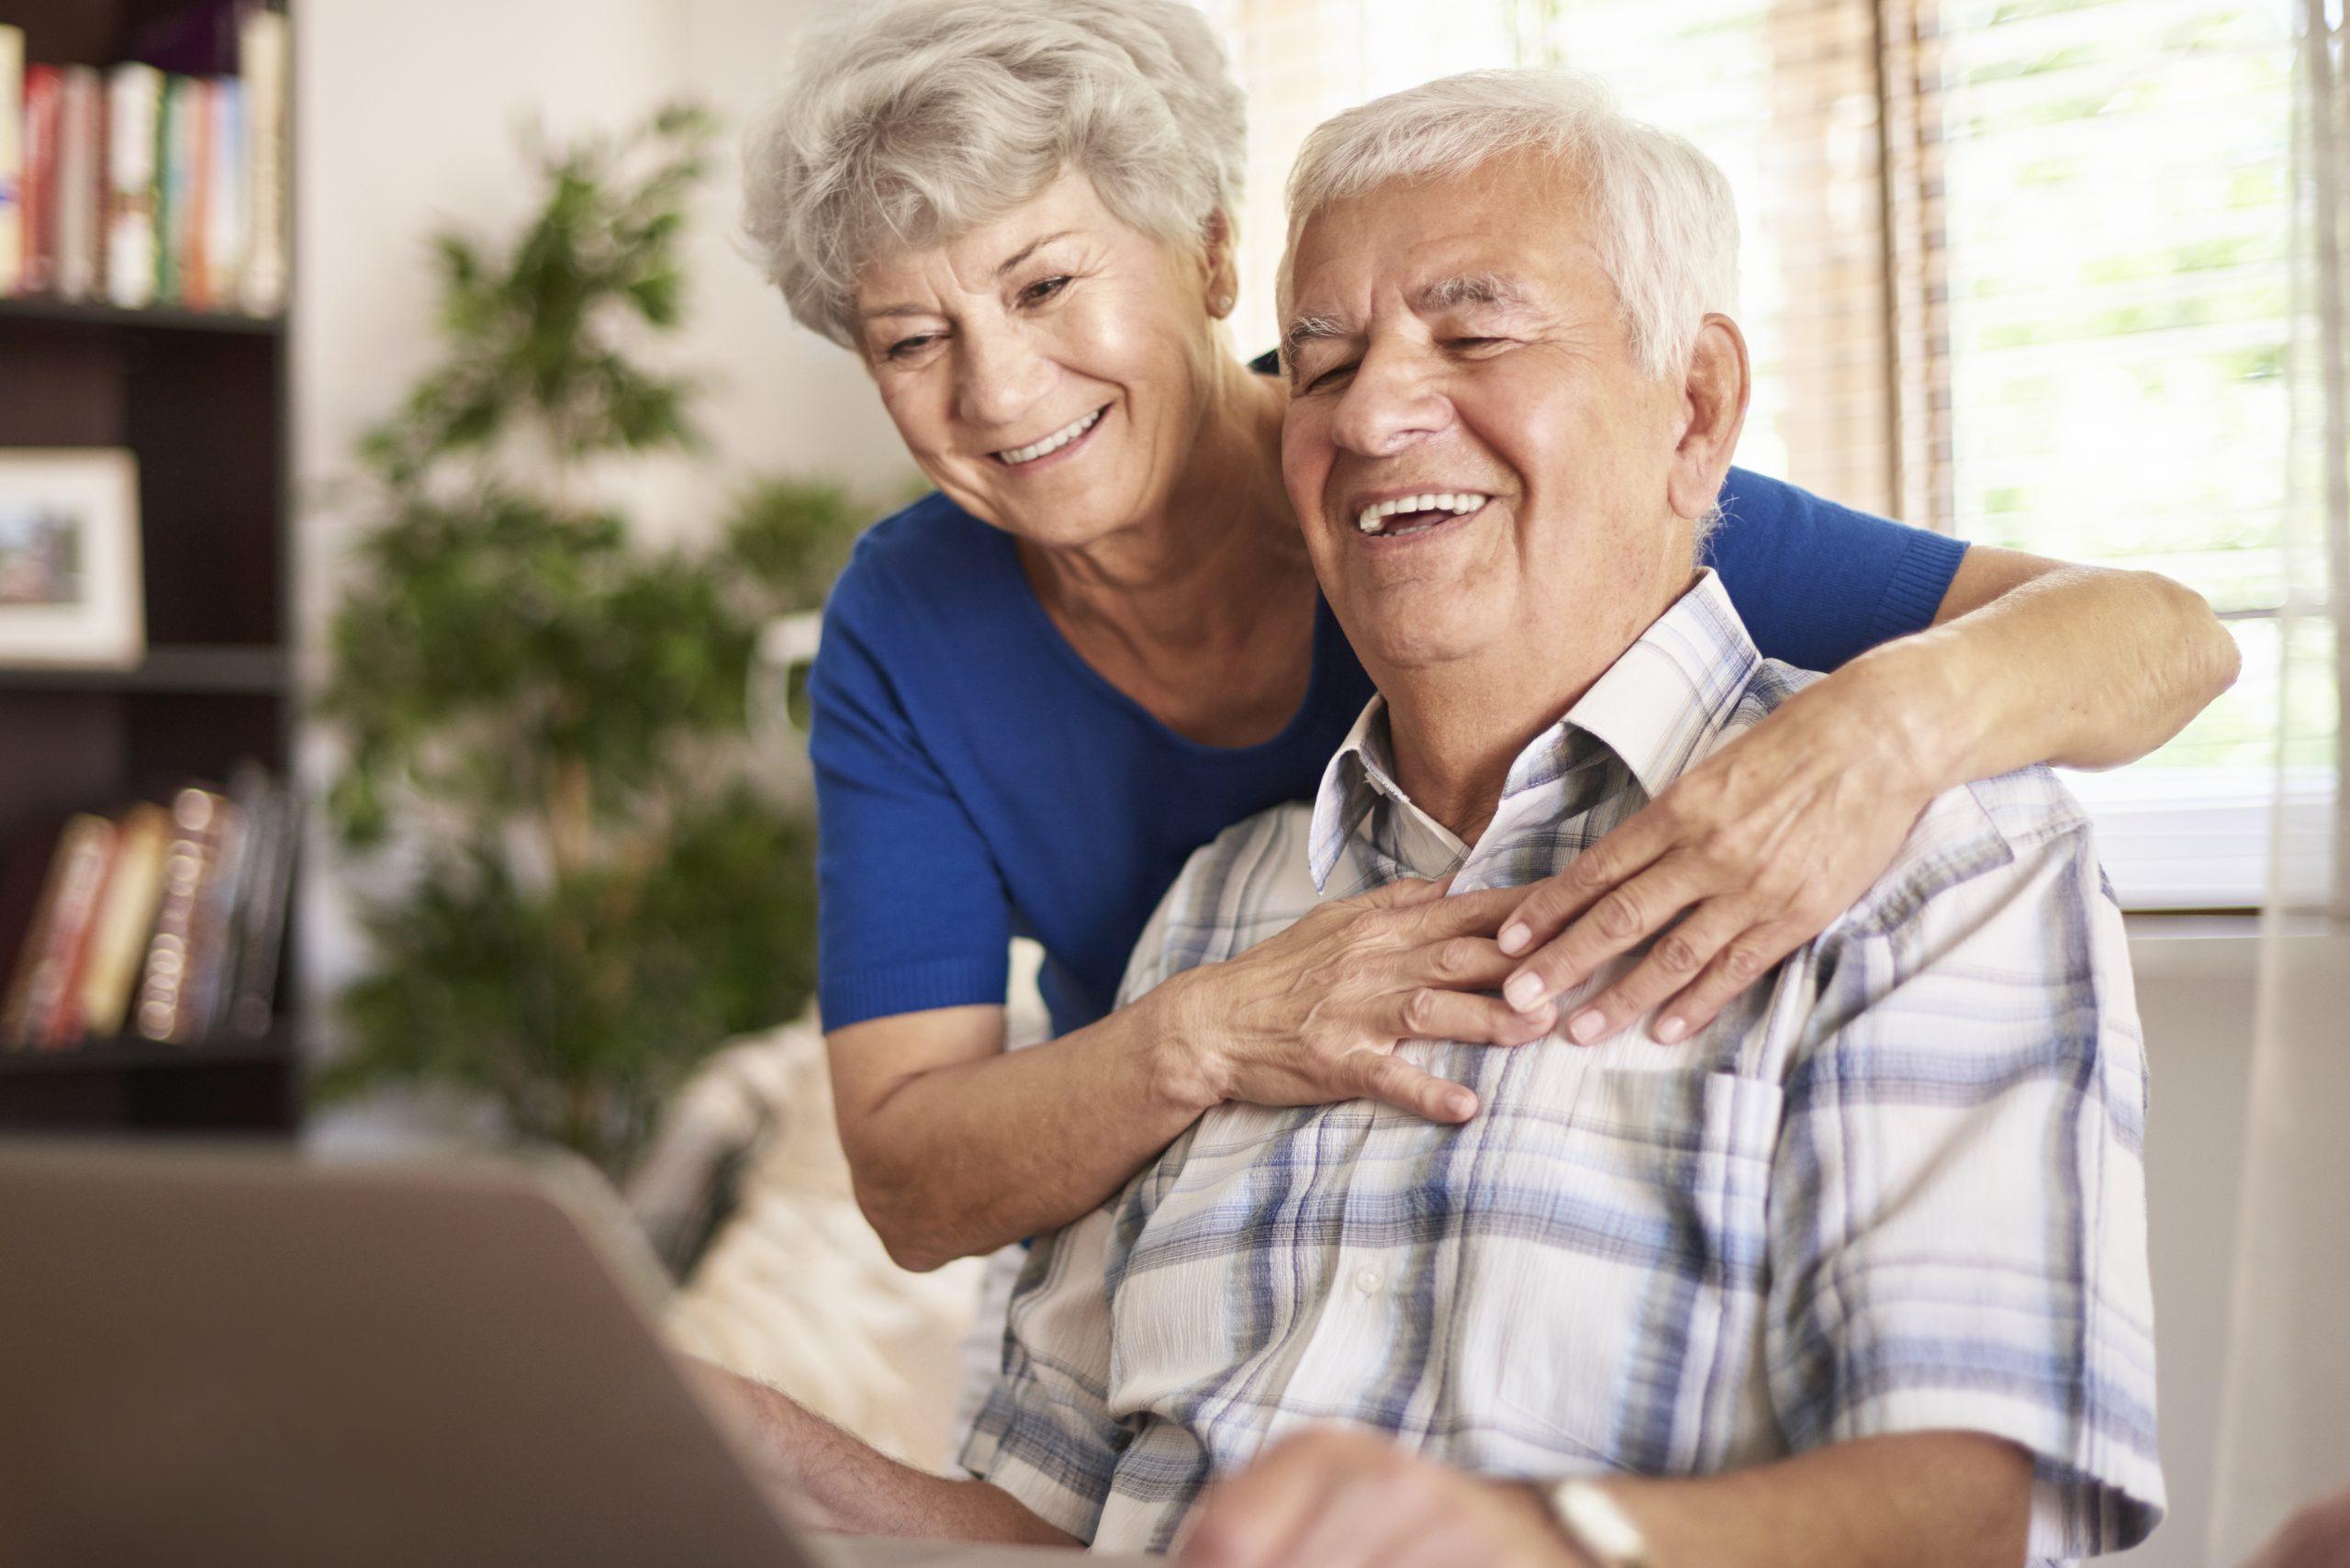 Jubilación activa en 2021: ¿Se puede ser pensionista y trabajar?